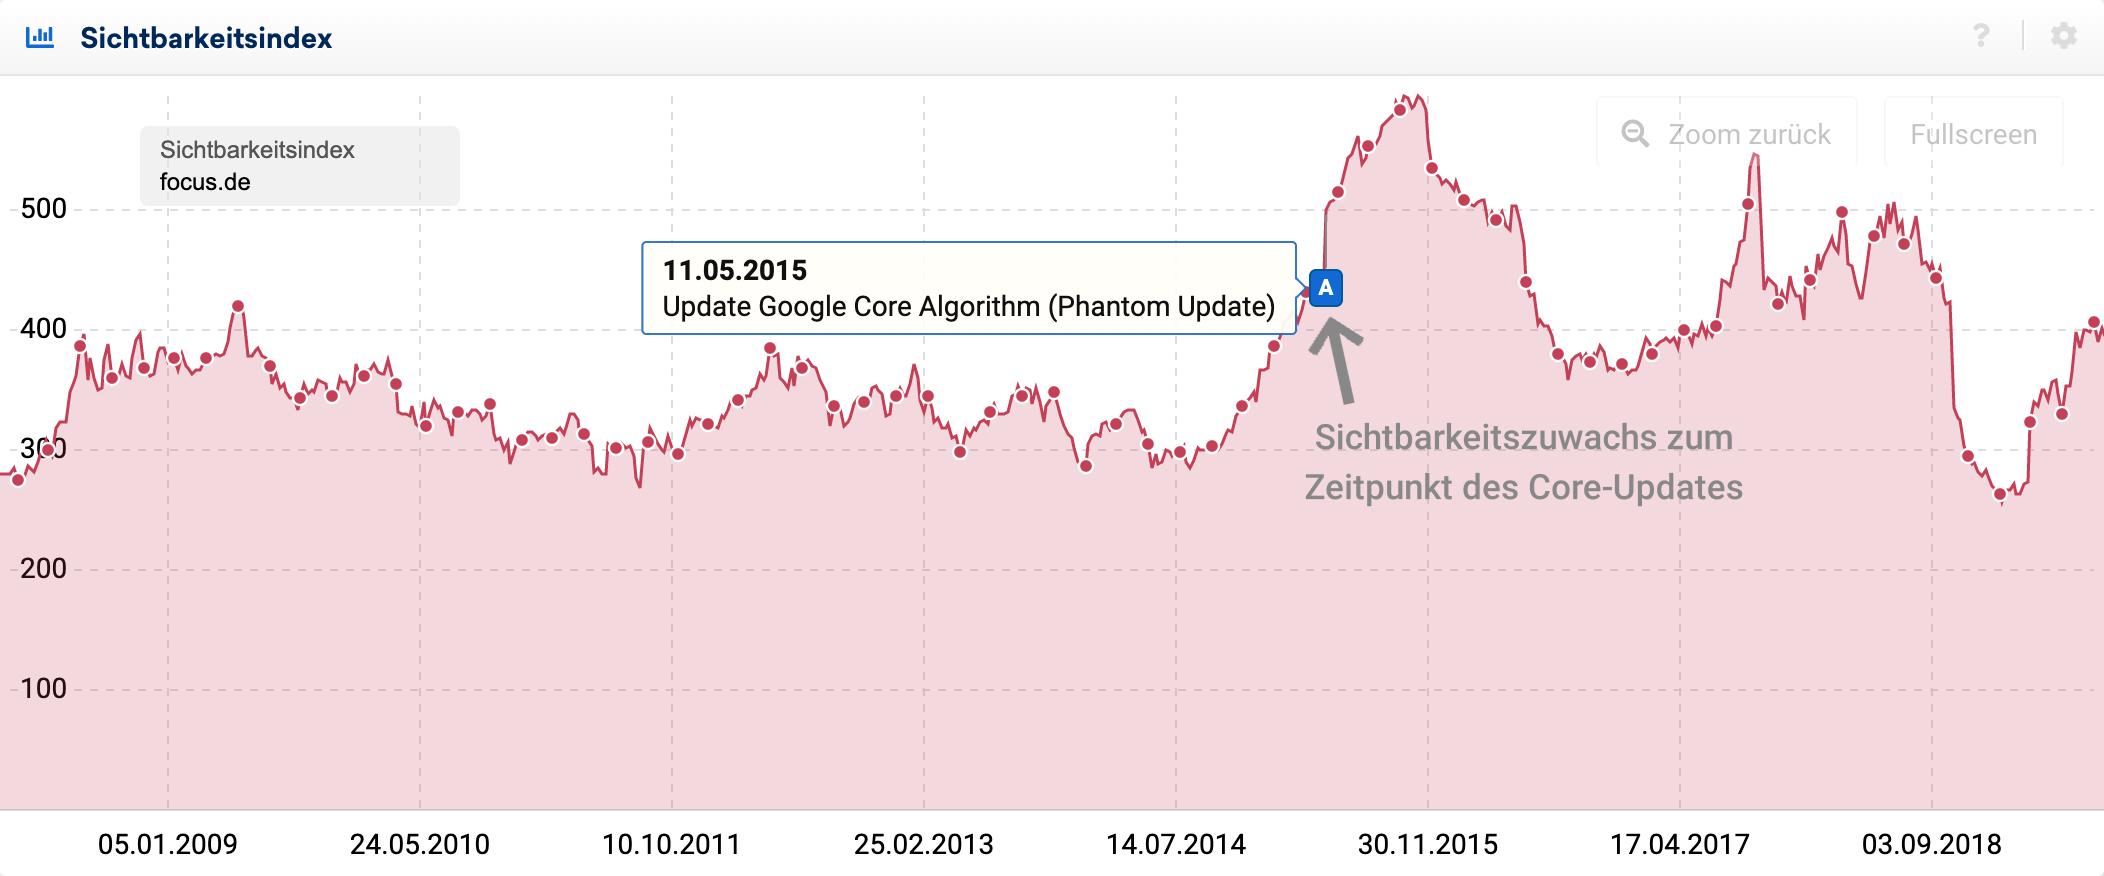 Sichtbarkeitsindex-Verlauf der Domain focus.de im Zeitraum zwischen 05.01.2009 und 03.09.2018.